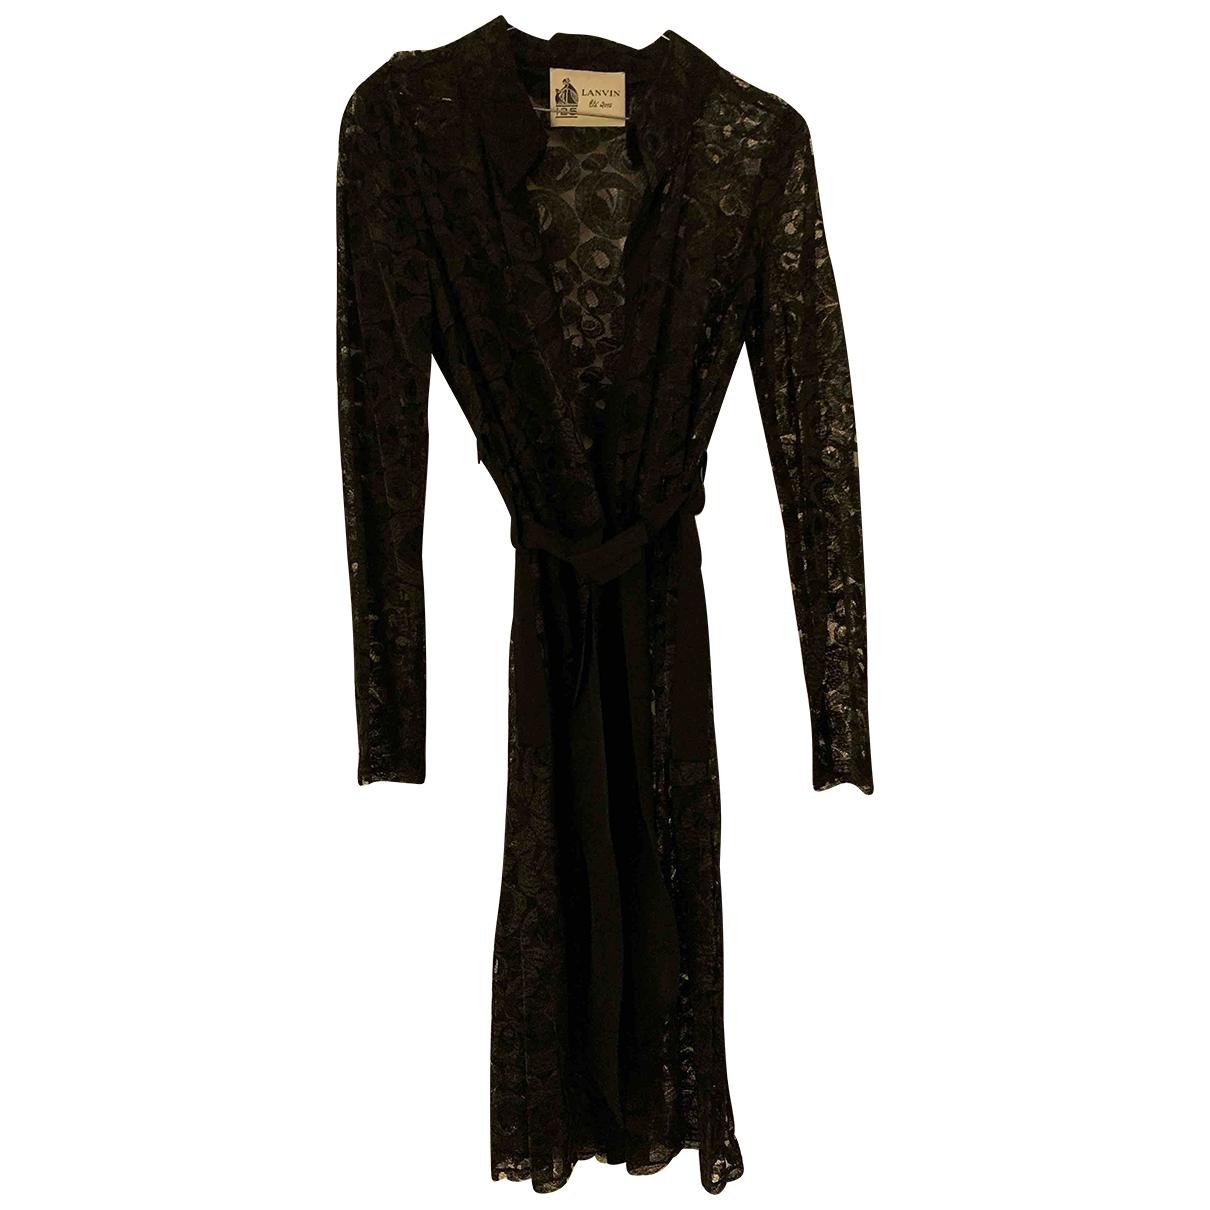 Lanvin \N Kleid in  Schwarz Spitze